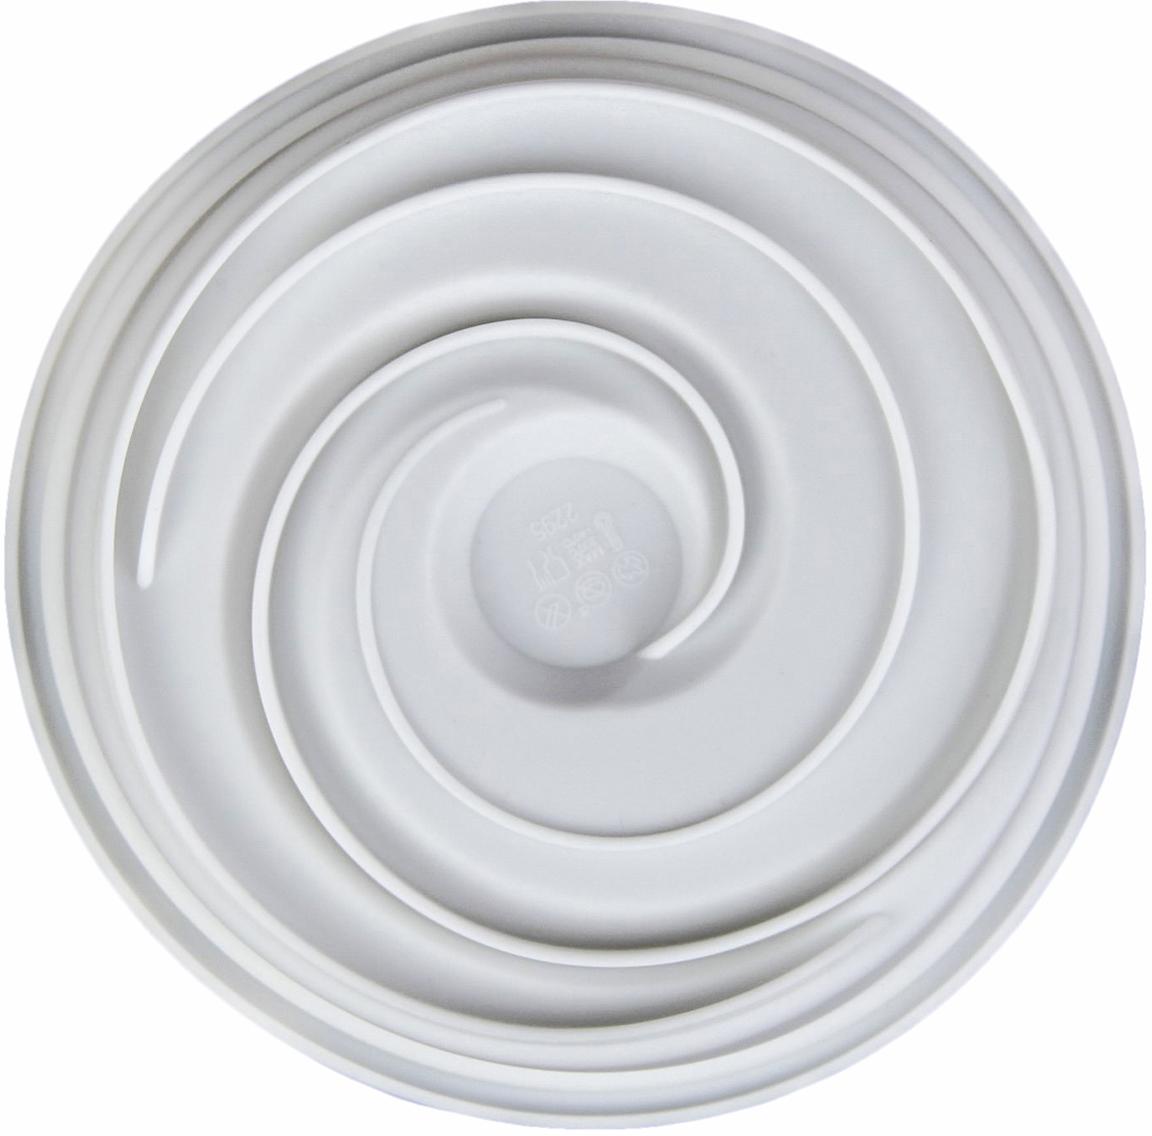 Форма для выпечки и муссовых десертов Доляна Круговорот, 19,2 х 5 см2582035От качества посуды зависит не только вкус еды, но и здоровье человека. Форма для выпечки и муссовых десертов 19,2х5 см Круговорот, цвет белый — товар, соответствующий российским стандартам качества. Любой хозяйке будет приятно держать его в руках. С нашей посудой и кухонной утварью приготовление еды и сервировка стола превратятся в настоящий праздник.